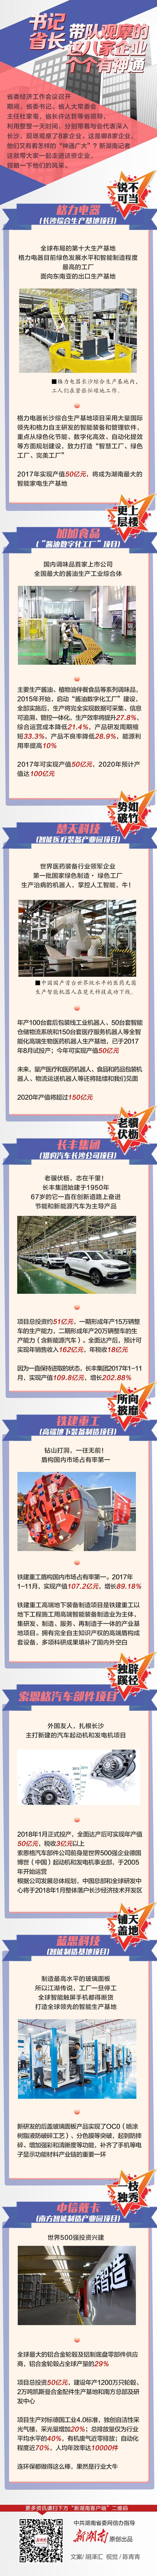 图说丨书记省长带队观摩的这八家企业个个有神通 新湖南www.hunanabc.com